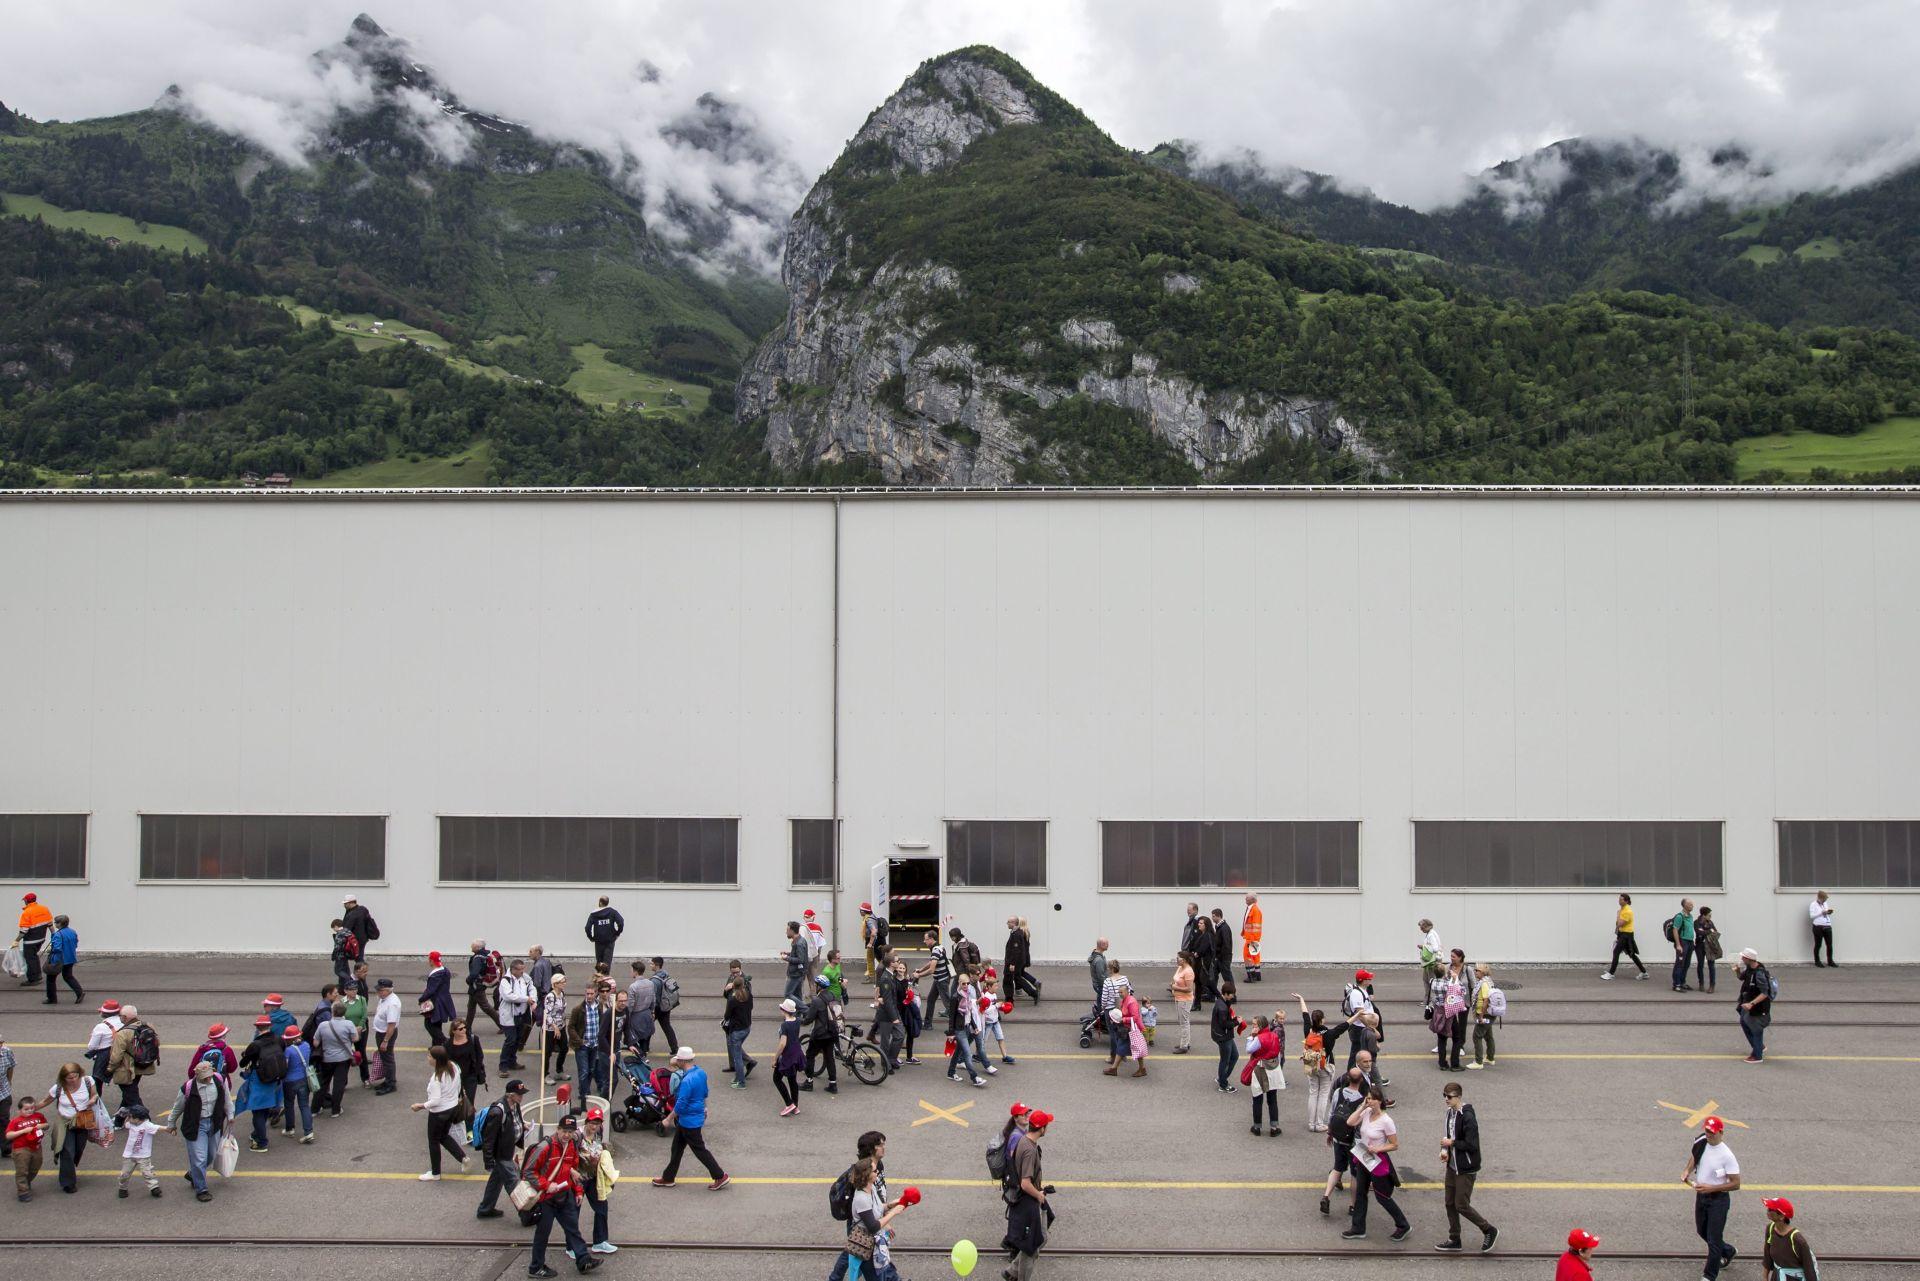 GLASANJE O RADIKALNOM PRIJEDLOGU: Švicarci za bezuvjetni osnovni mjesečni prihod svakom državljaninu